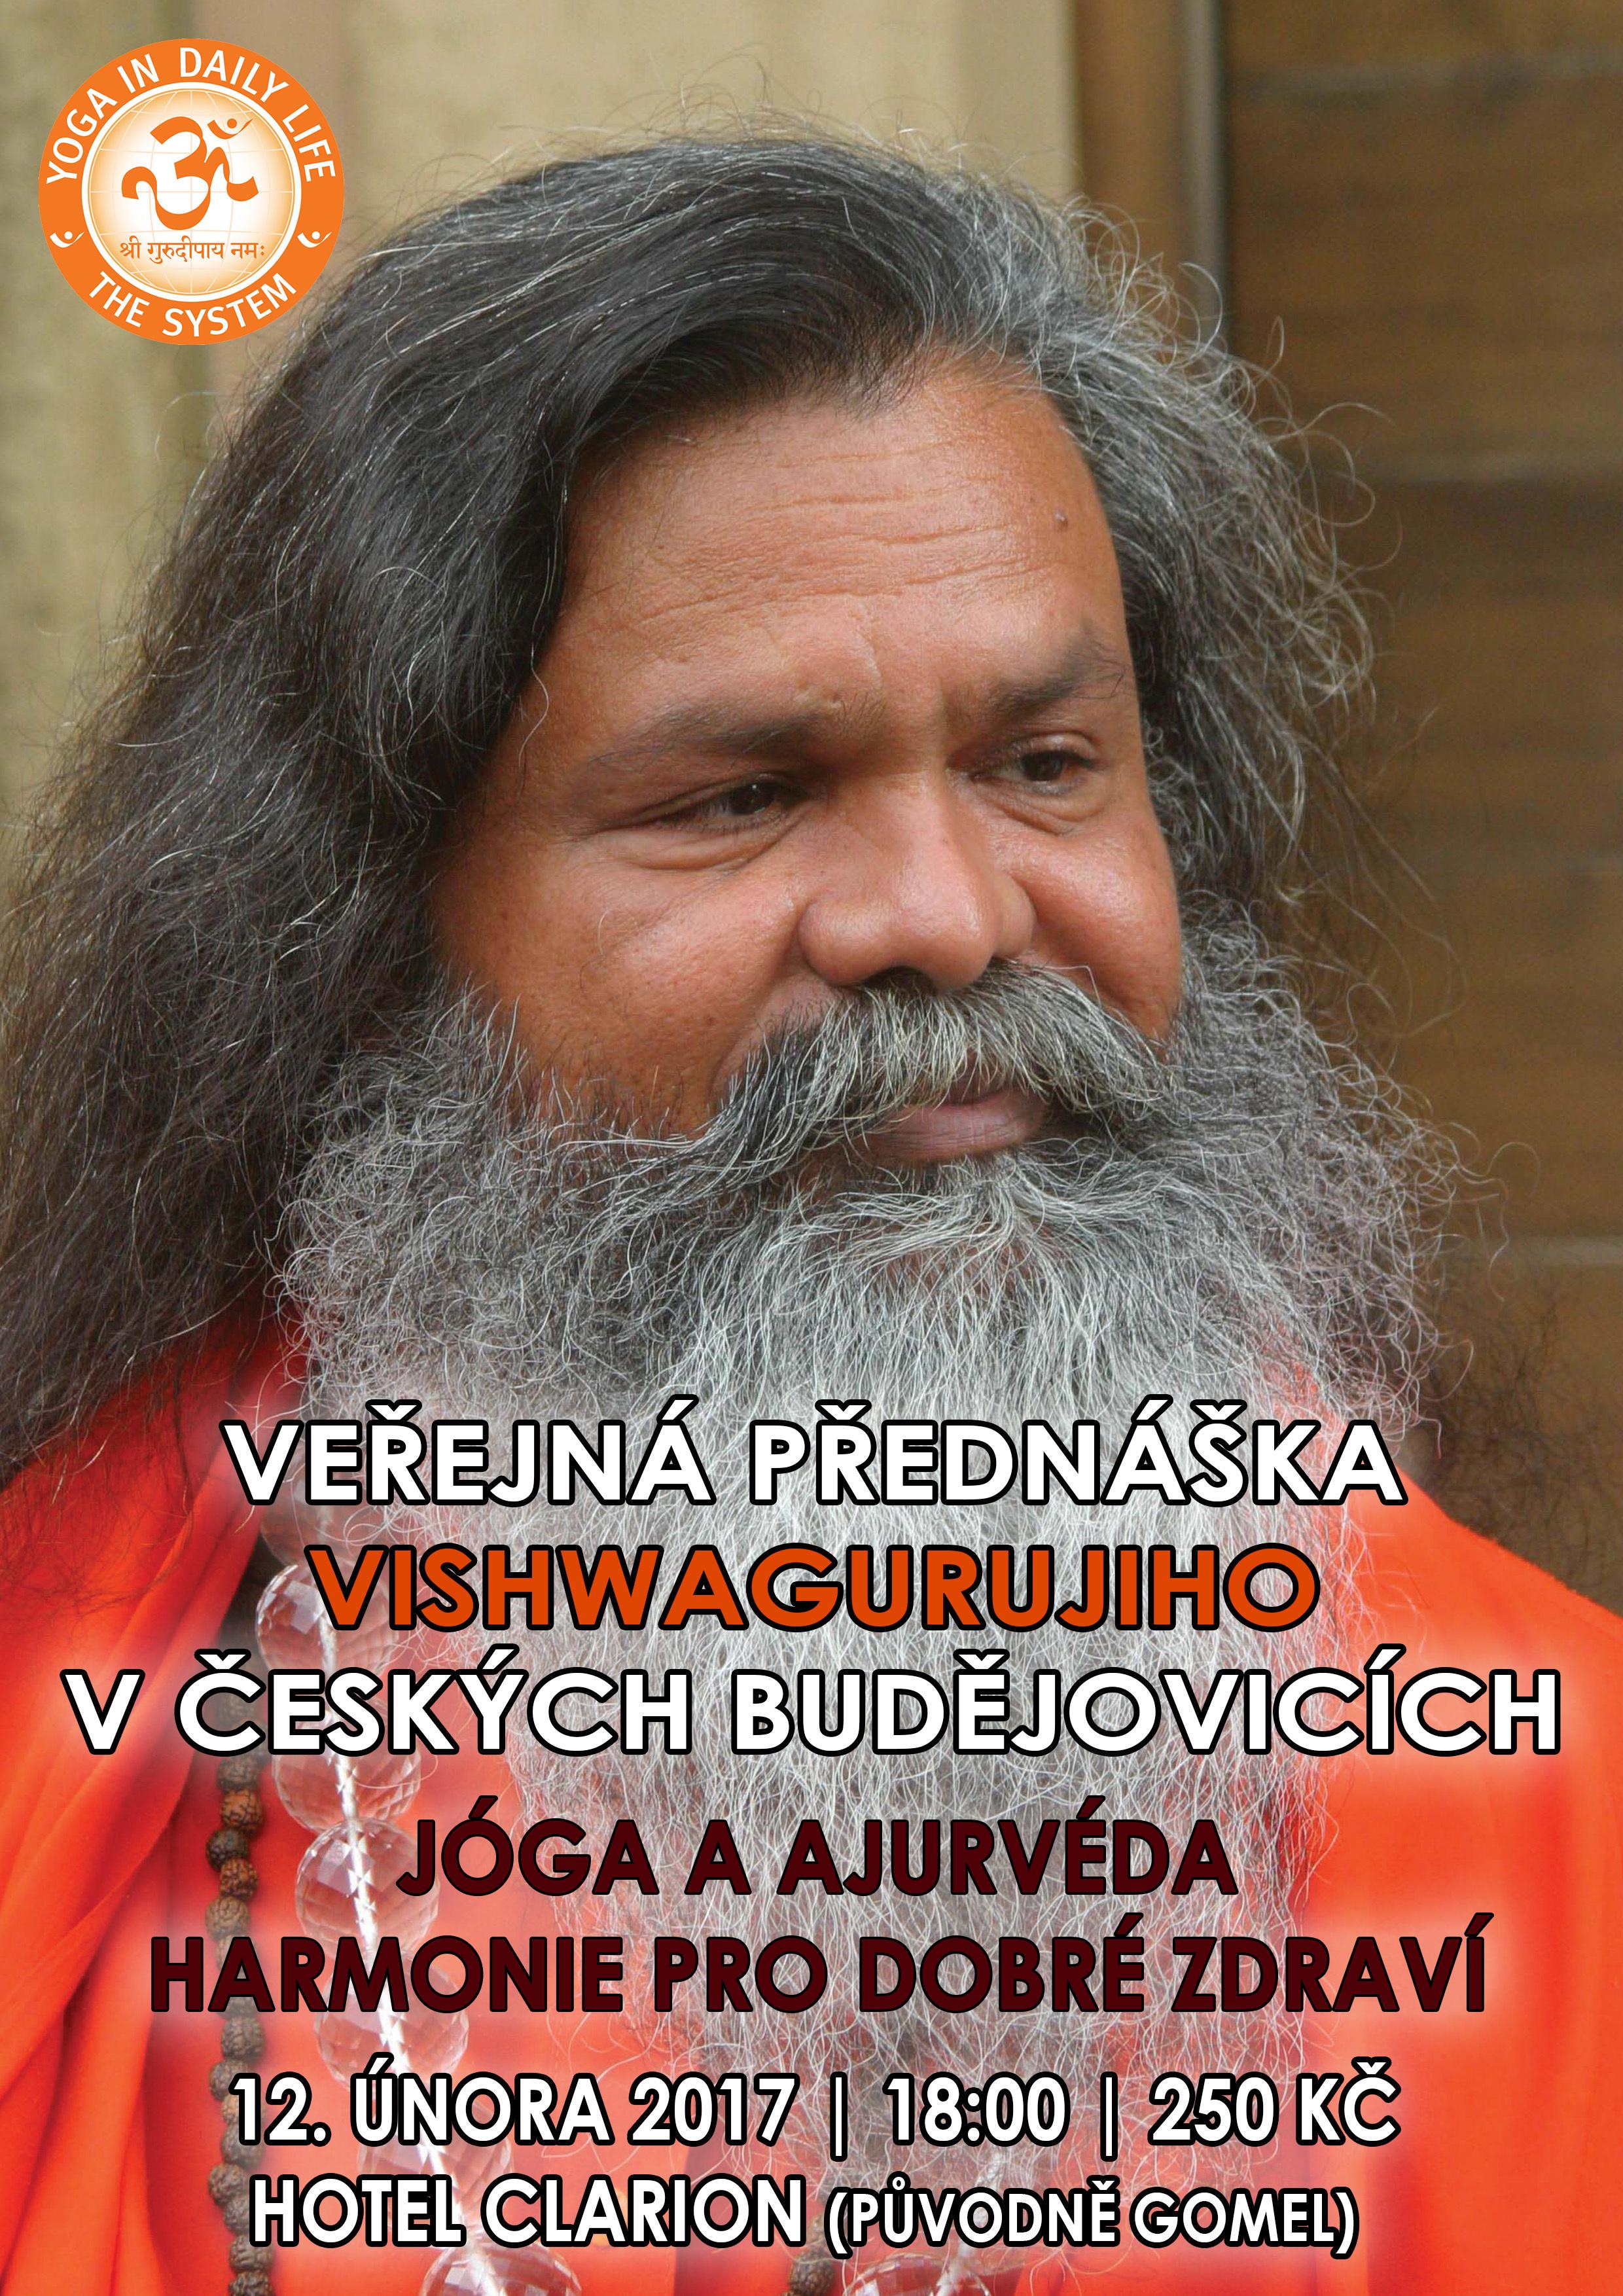 Zajímavá informace pro příznivce jógy